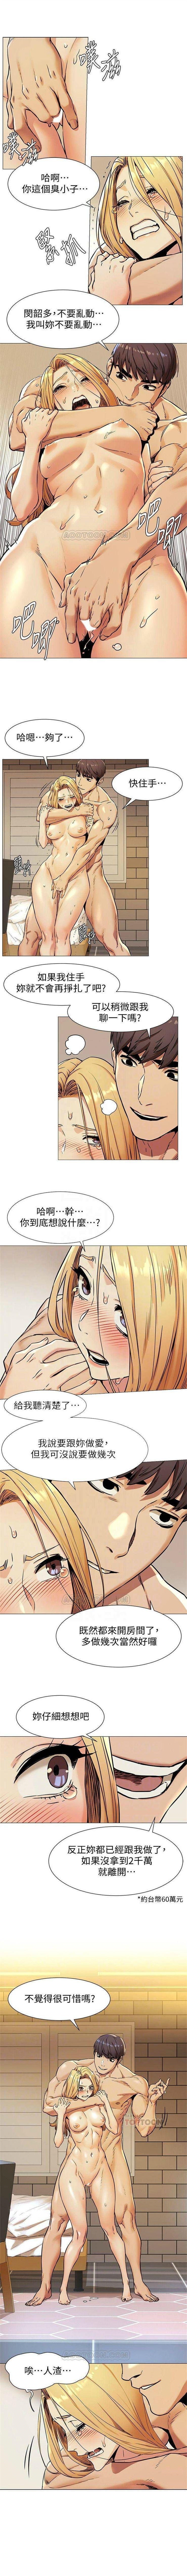 衝突 1-100官方中文(連載中) 438